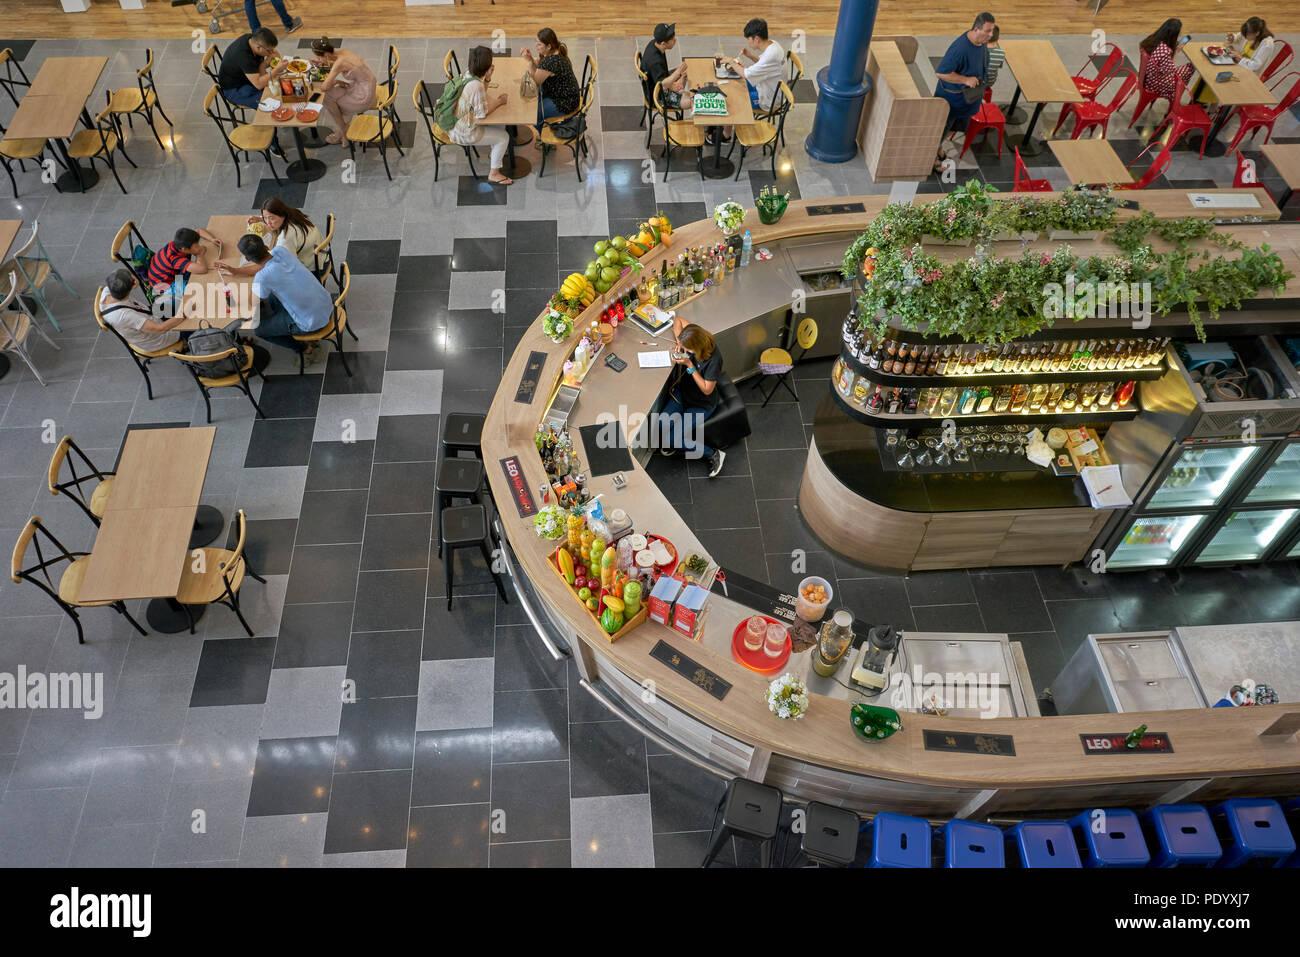 Vista aerea del Ristorante sala da pranzo in Thailandia shopping mall. Diners dall'alto. Sud-est asiatico. Foto Stock